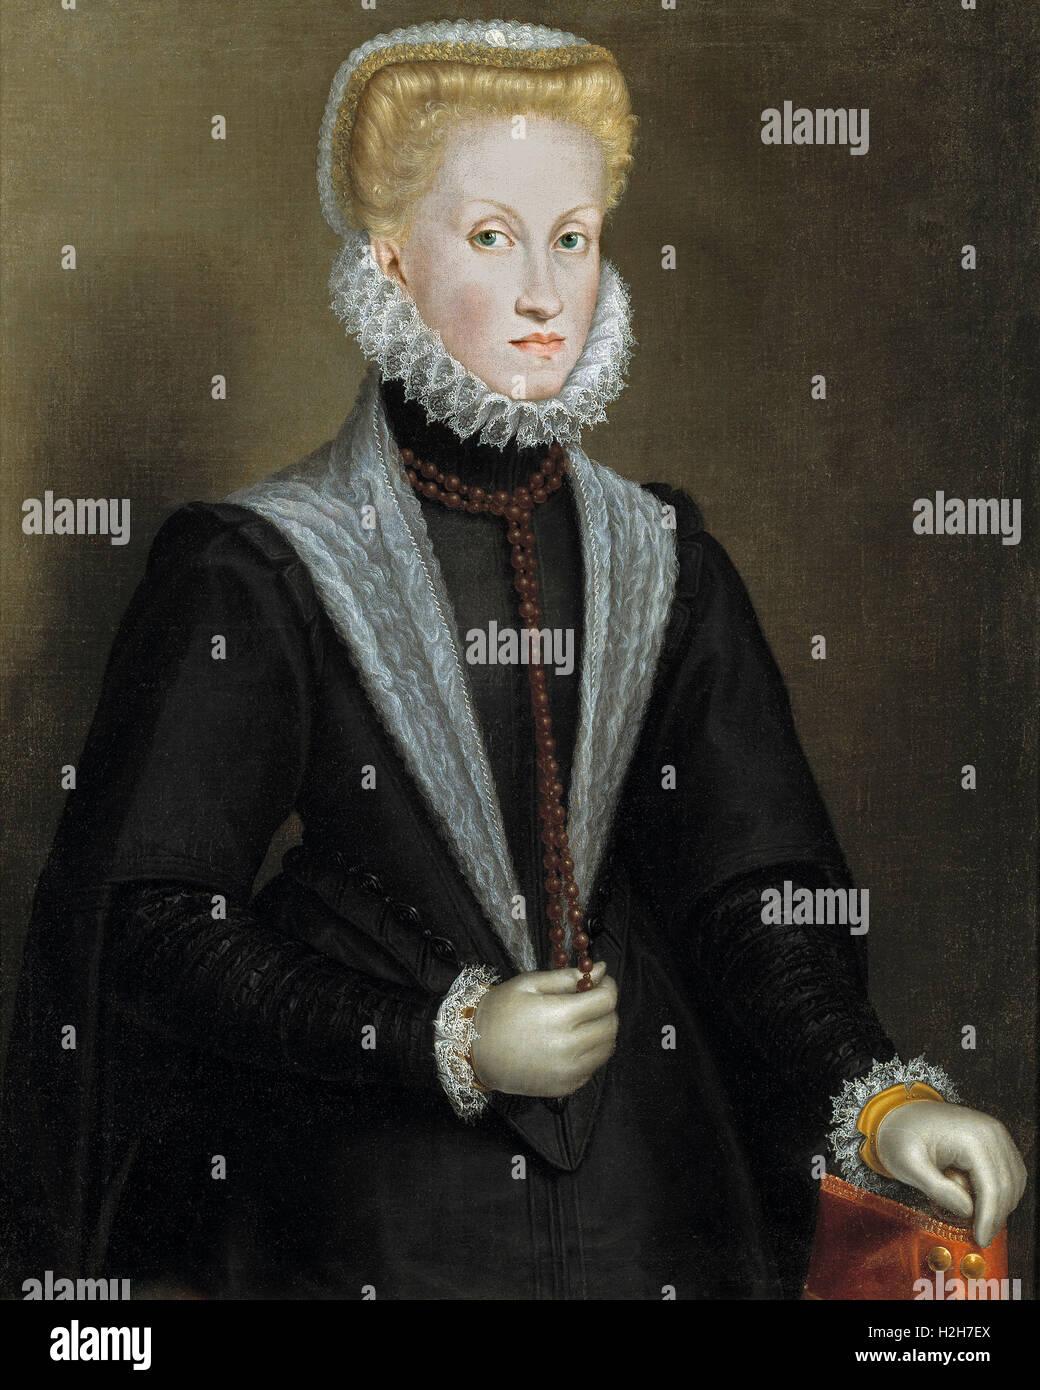 Queen Anna of Austria - Stock Image